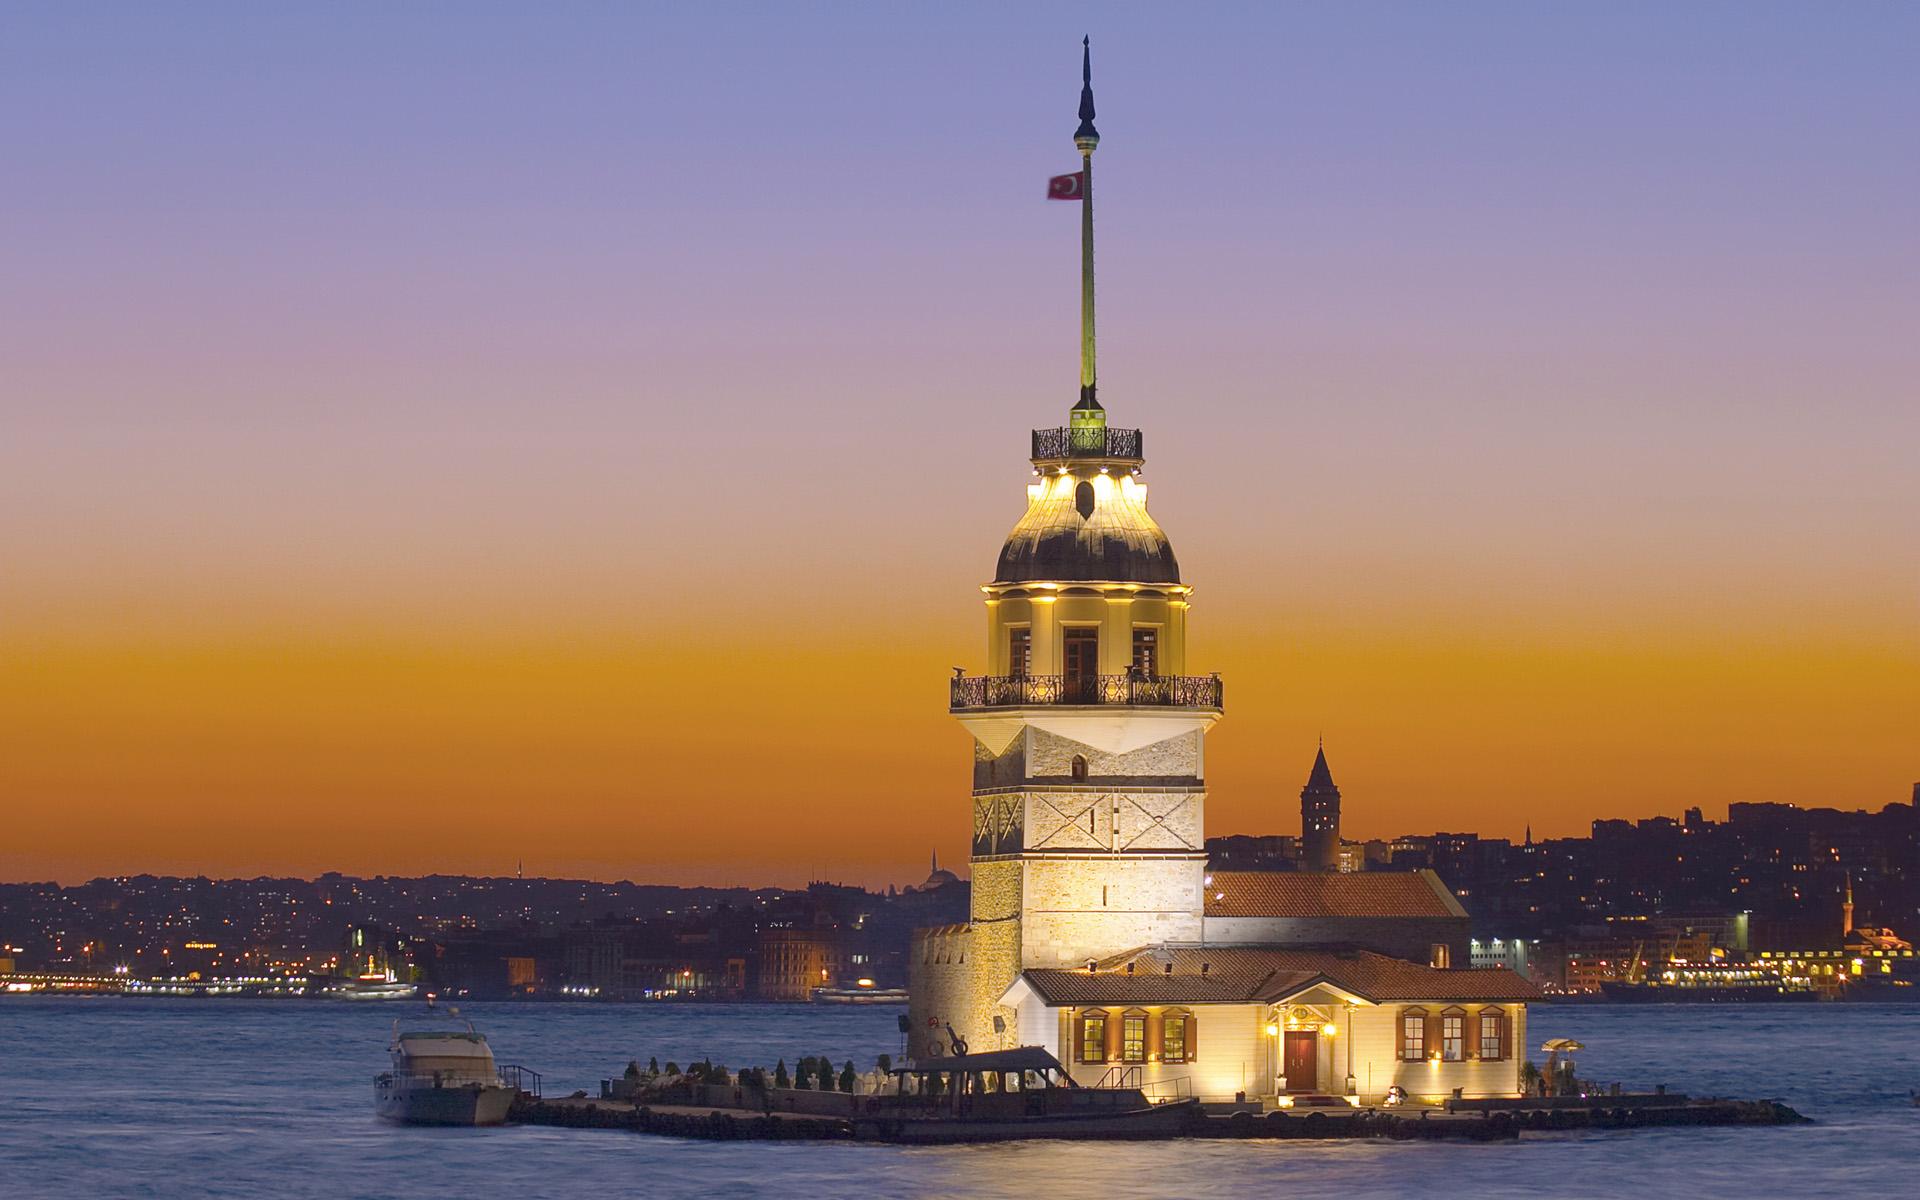 Kiz Kulesi (Maiden's Tower), Salamac, Bosphorus, Istanbul, Turkey